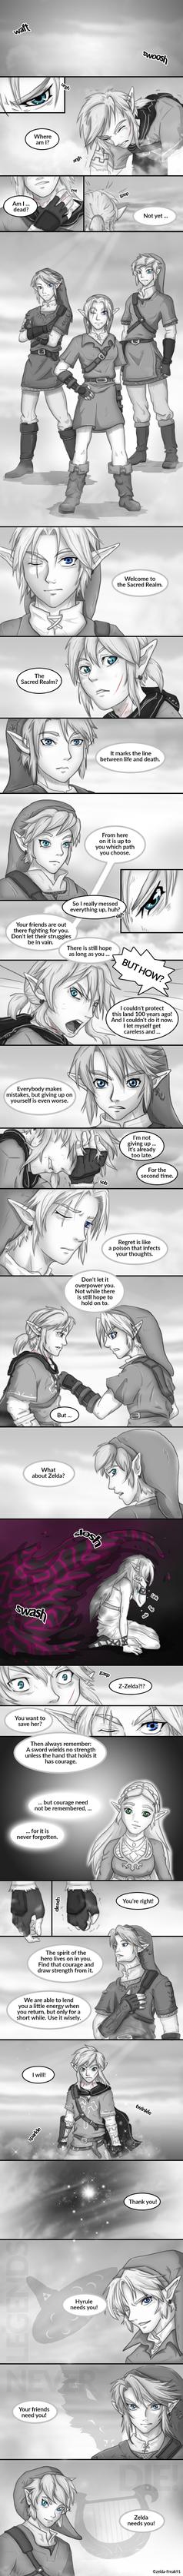 Zelda: Heart of a Champion - 6 by zelda-Freak91